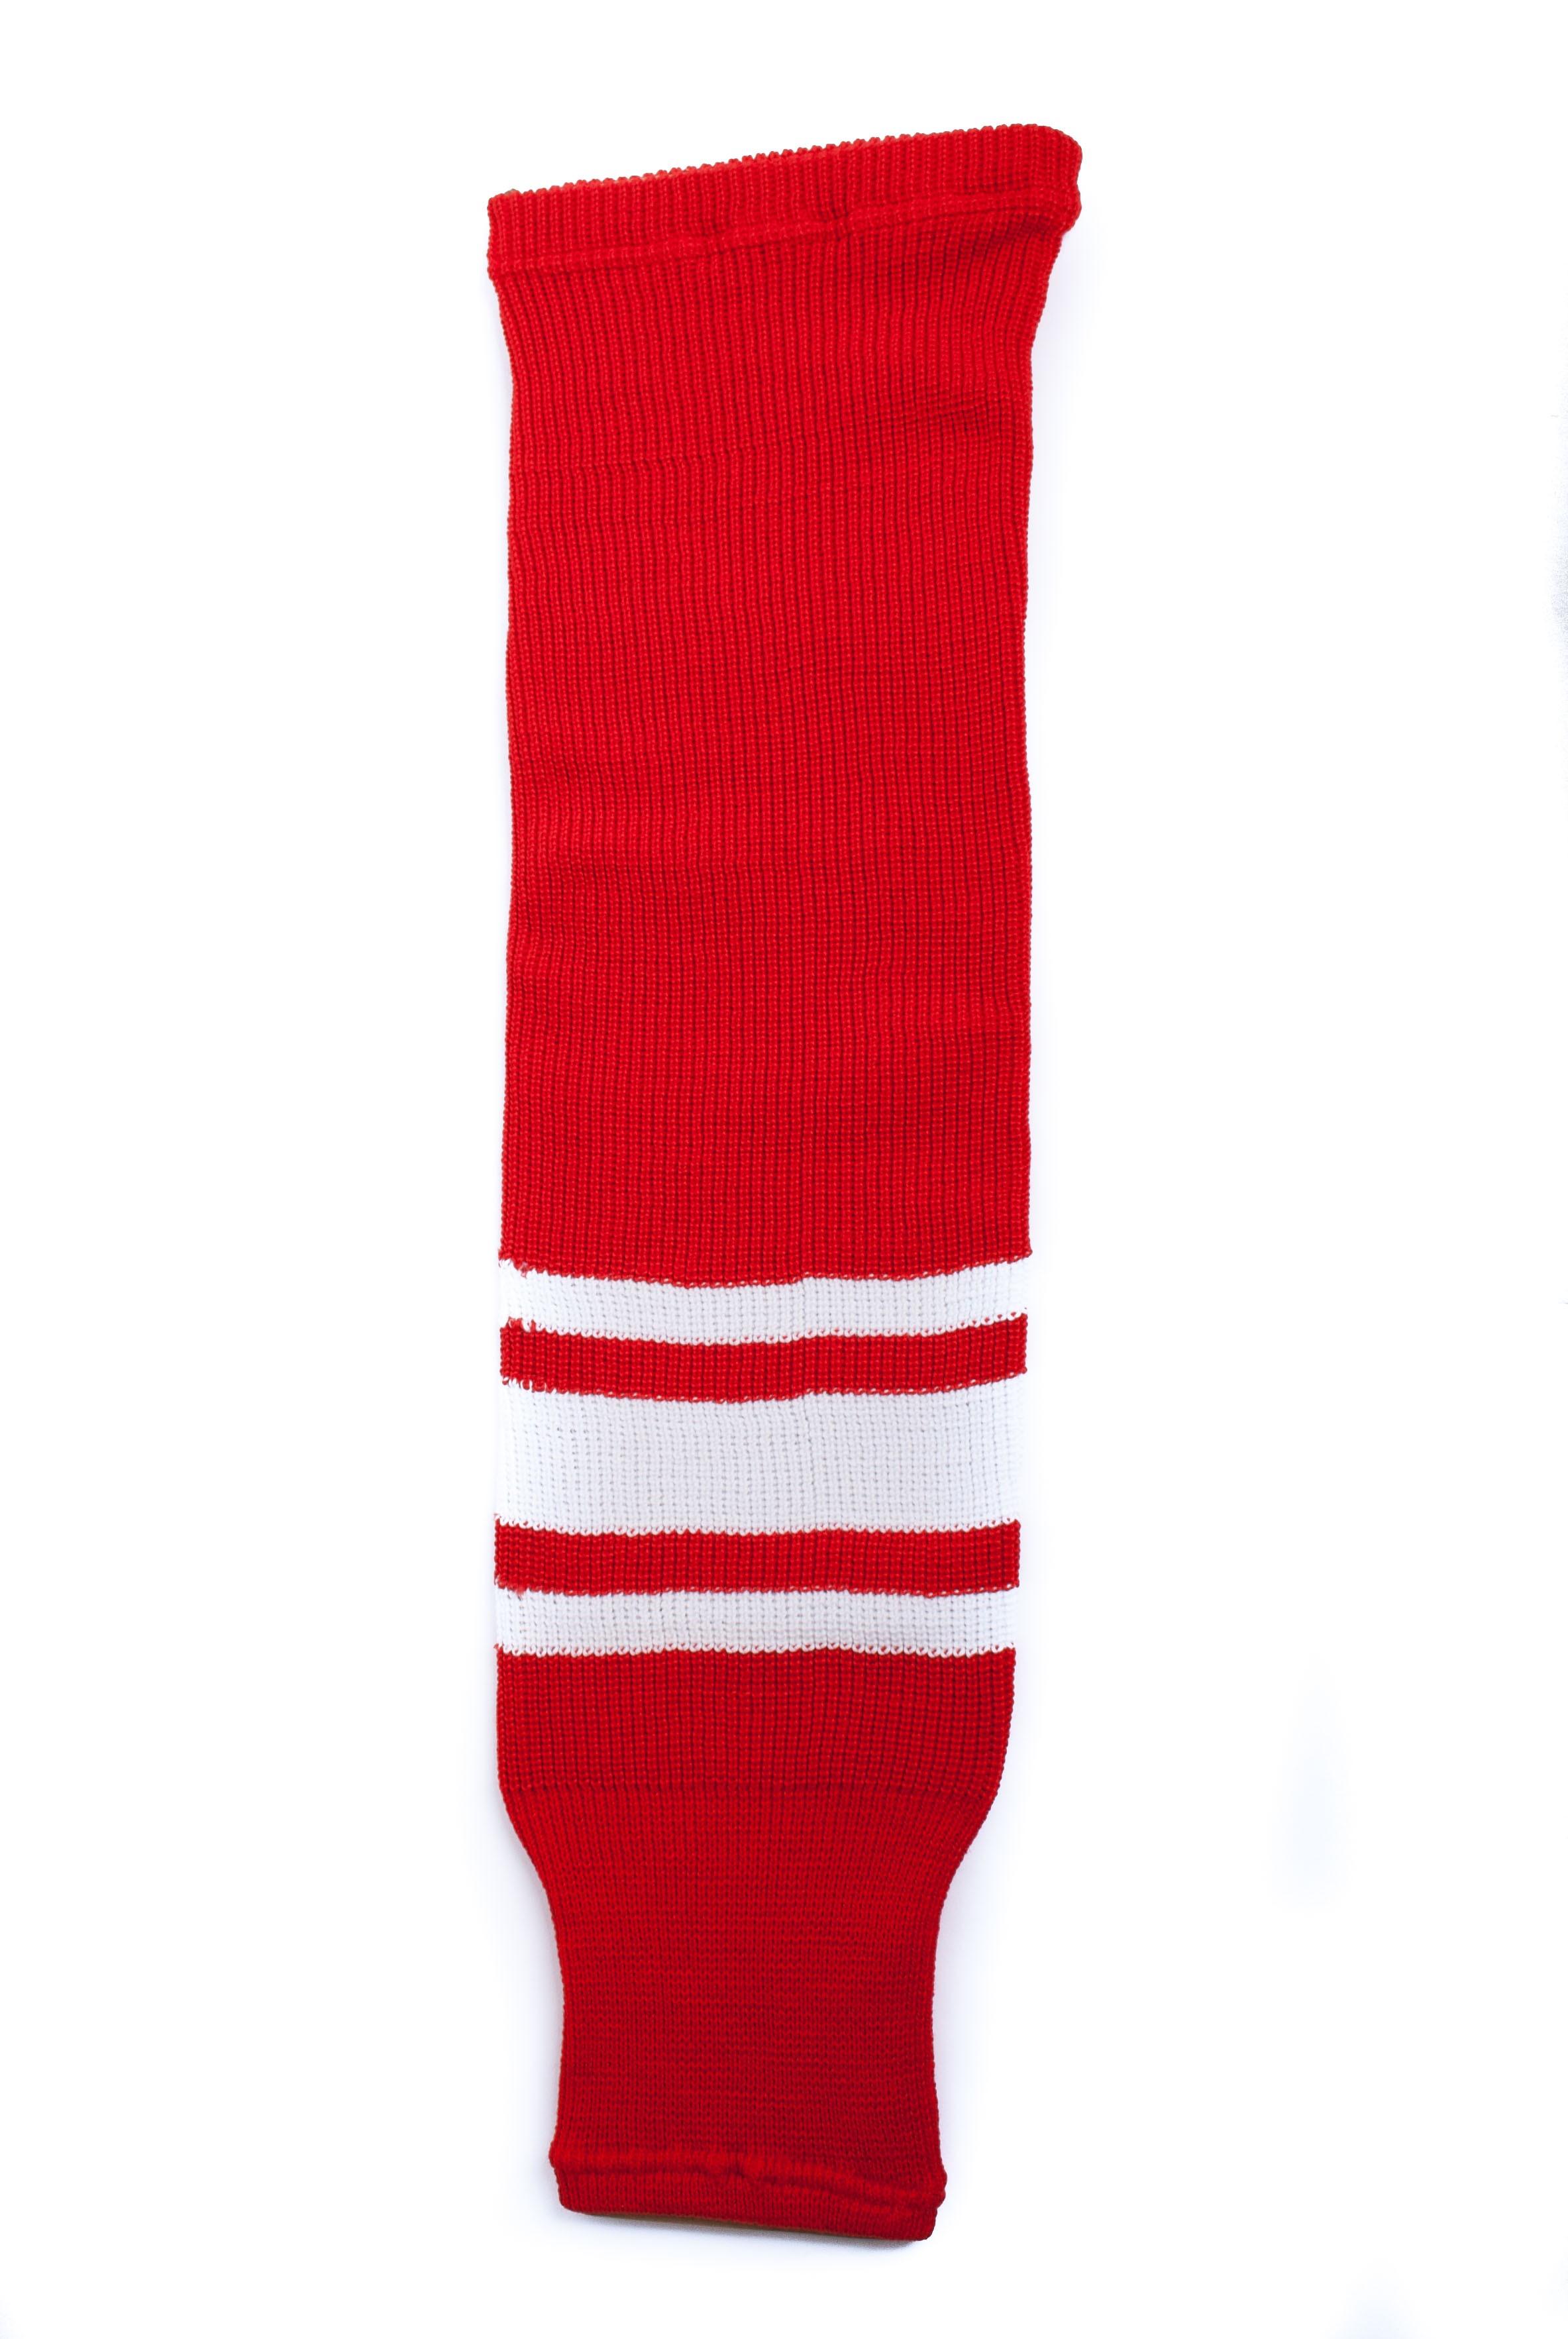 HOKEJAM.LV Knit Junioru Hokeja Getras #007